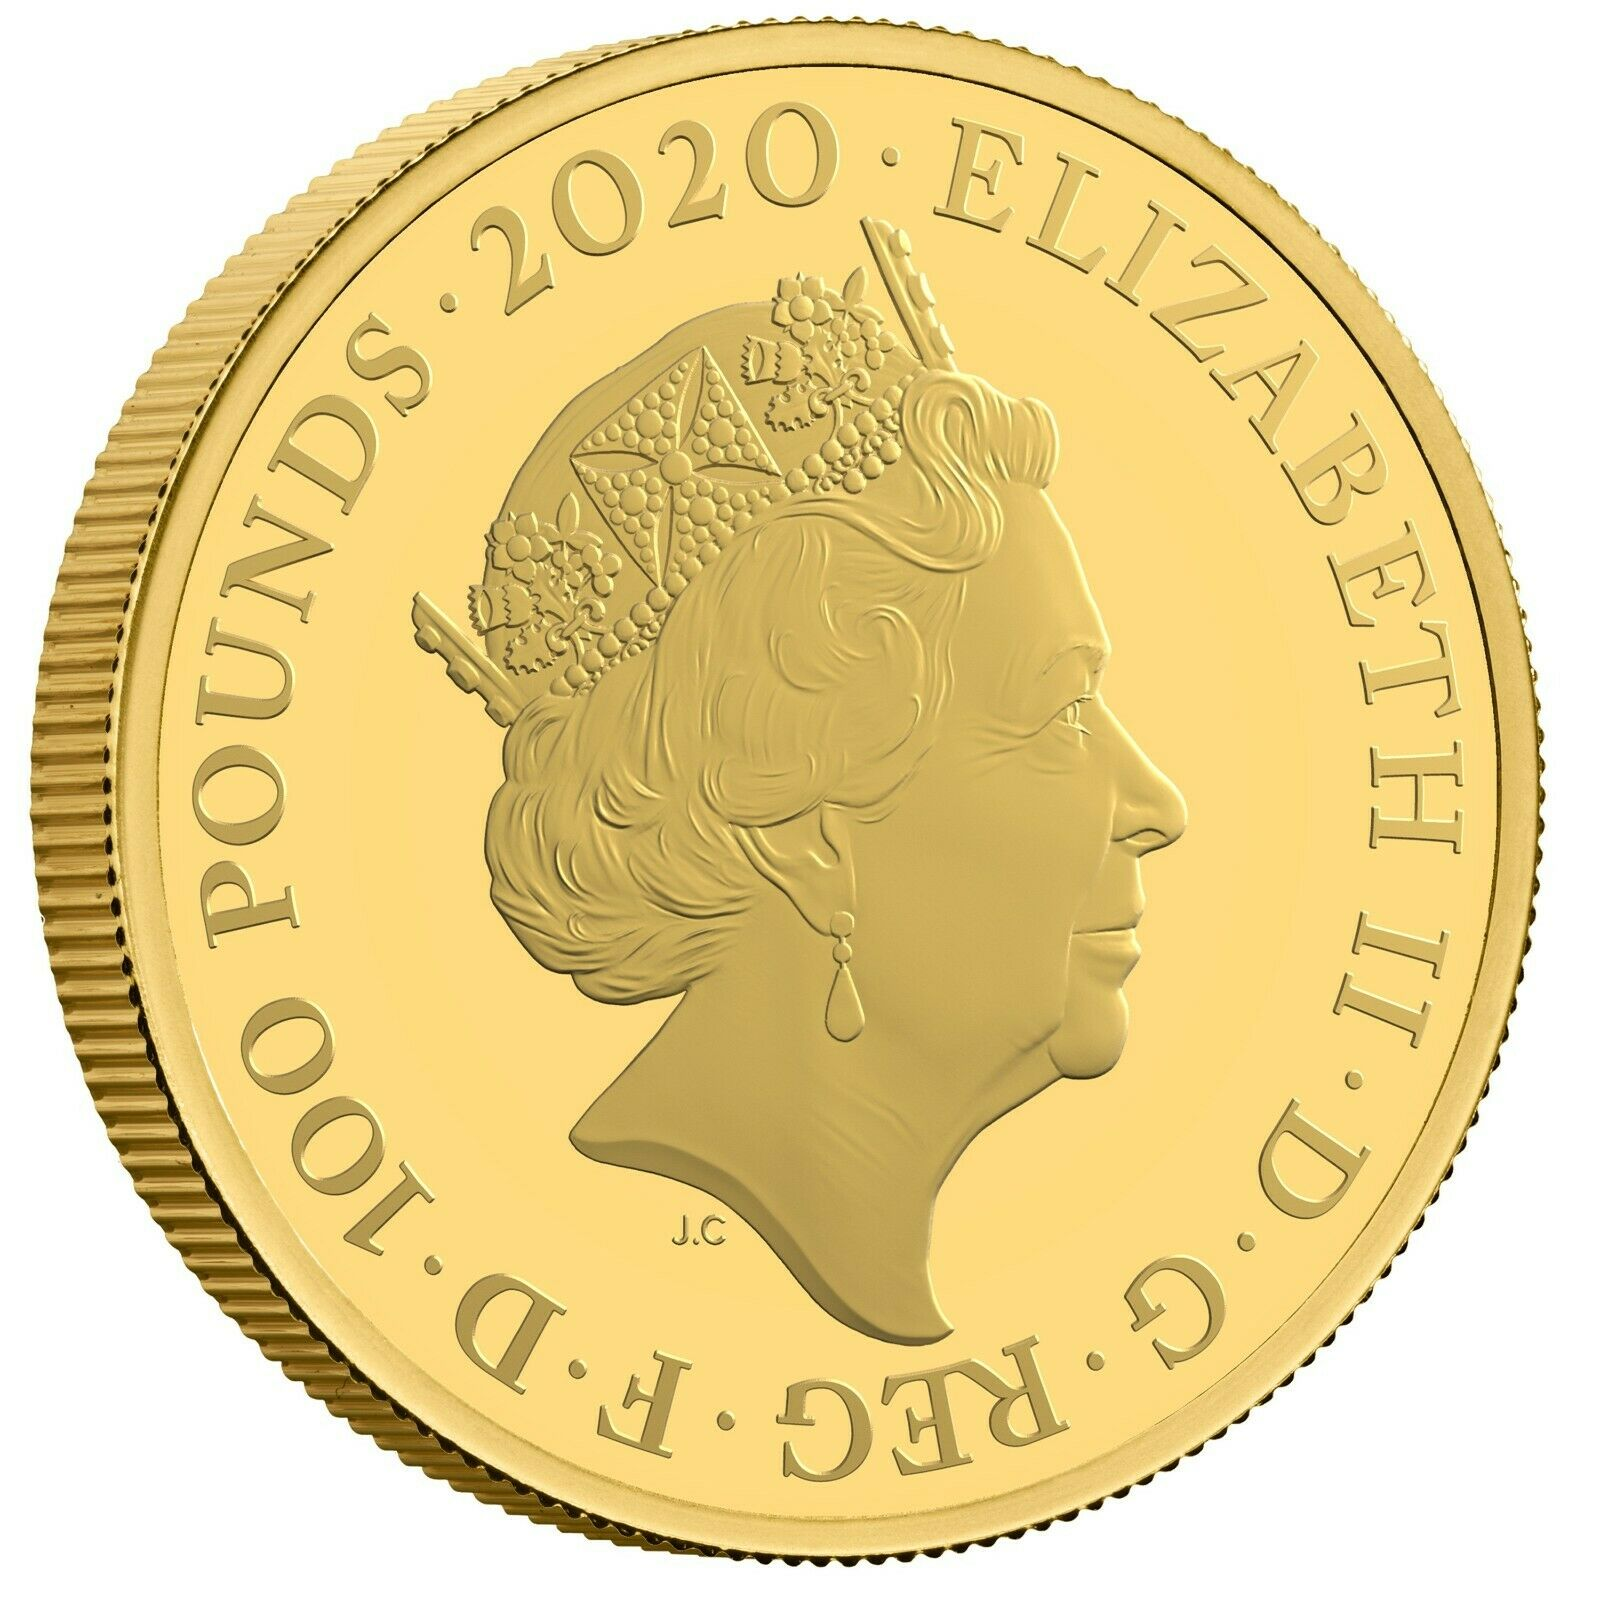 グレートブリテン2020年エリザベスII世1オンス100ポンドプルーフ純金金貨ジェームズボンド007PCGS社PR70DCAM-40167332